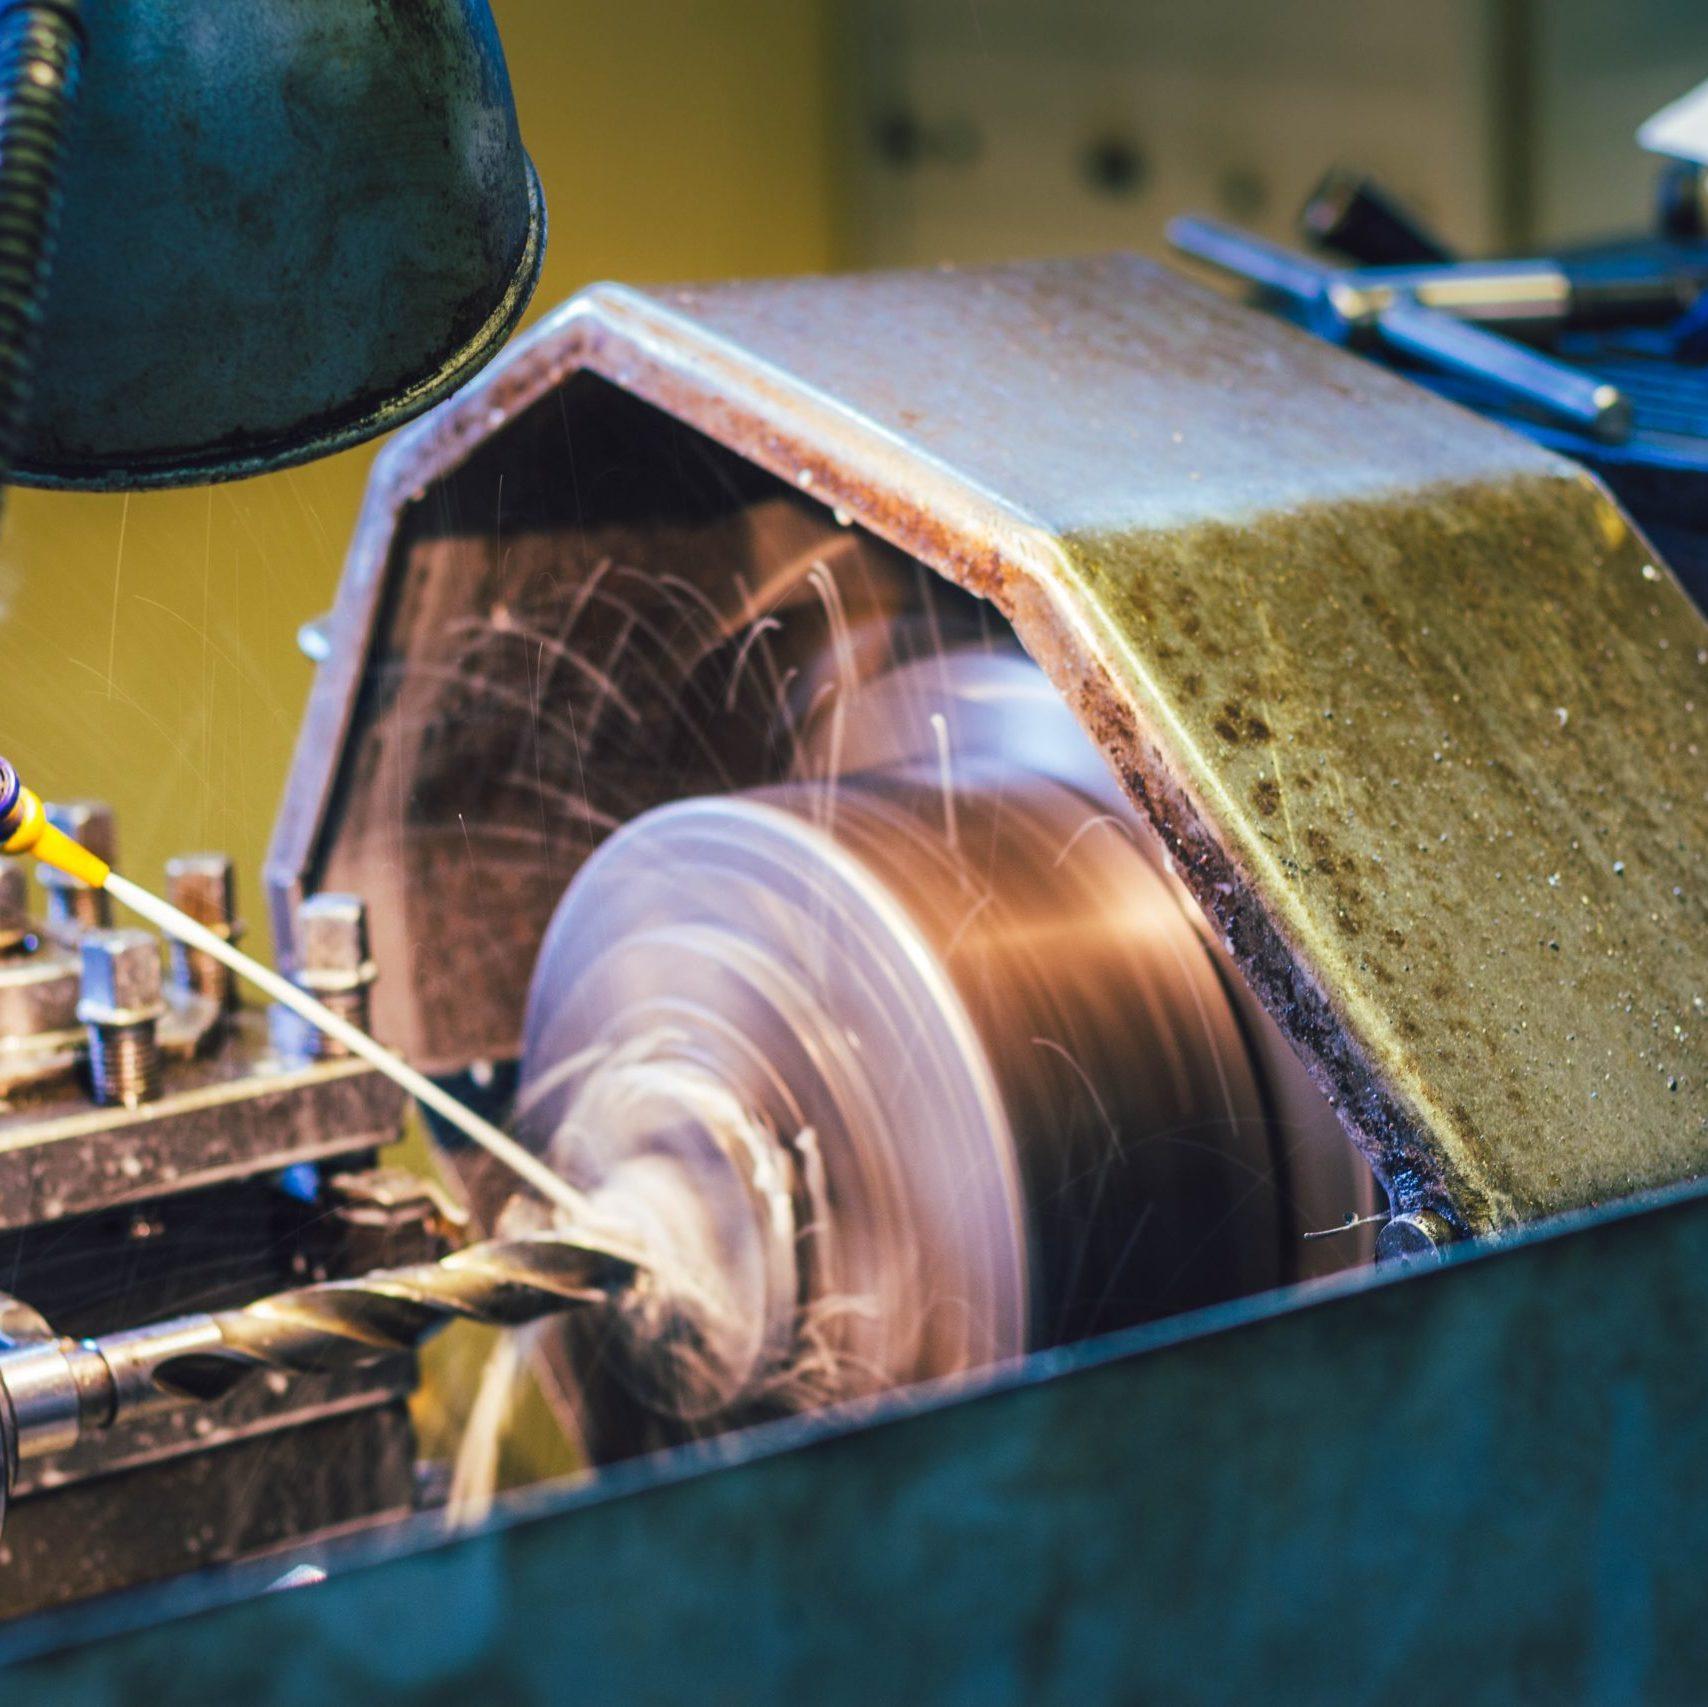 Stivo Consultancy | Procesoptimalisatie voor productiebedrijven | Stivo helpt